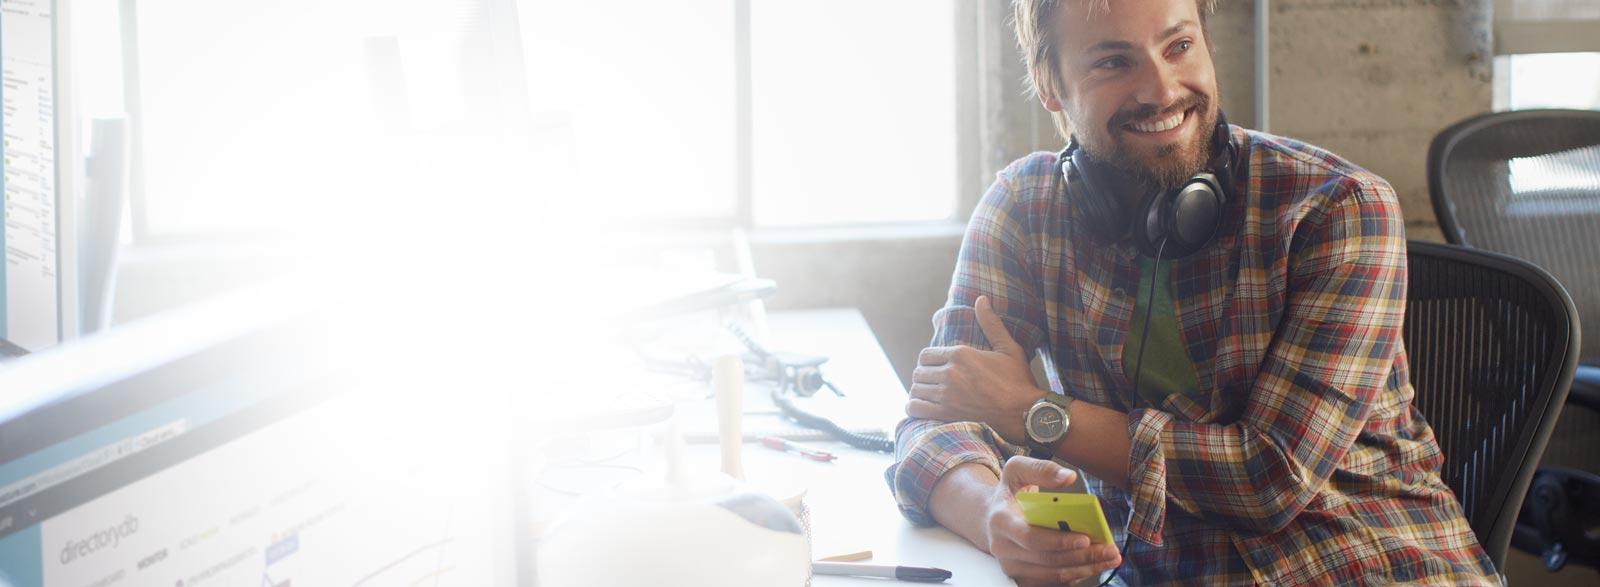 Dapatkan layanan produktivitas dan kolaborasi layanan dengan Office 365 Enterprise E1.